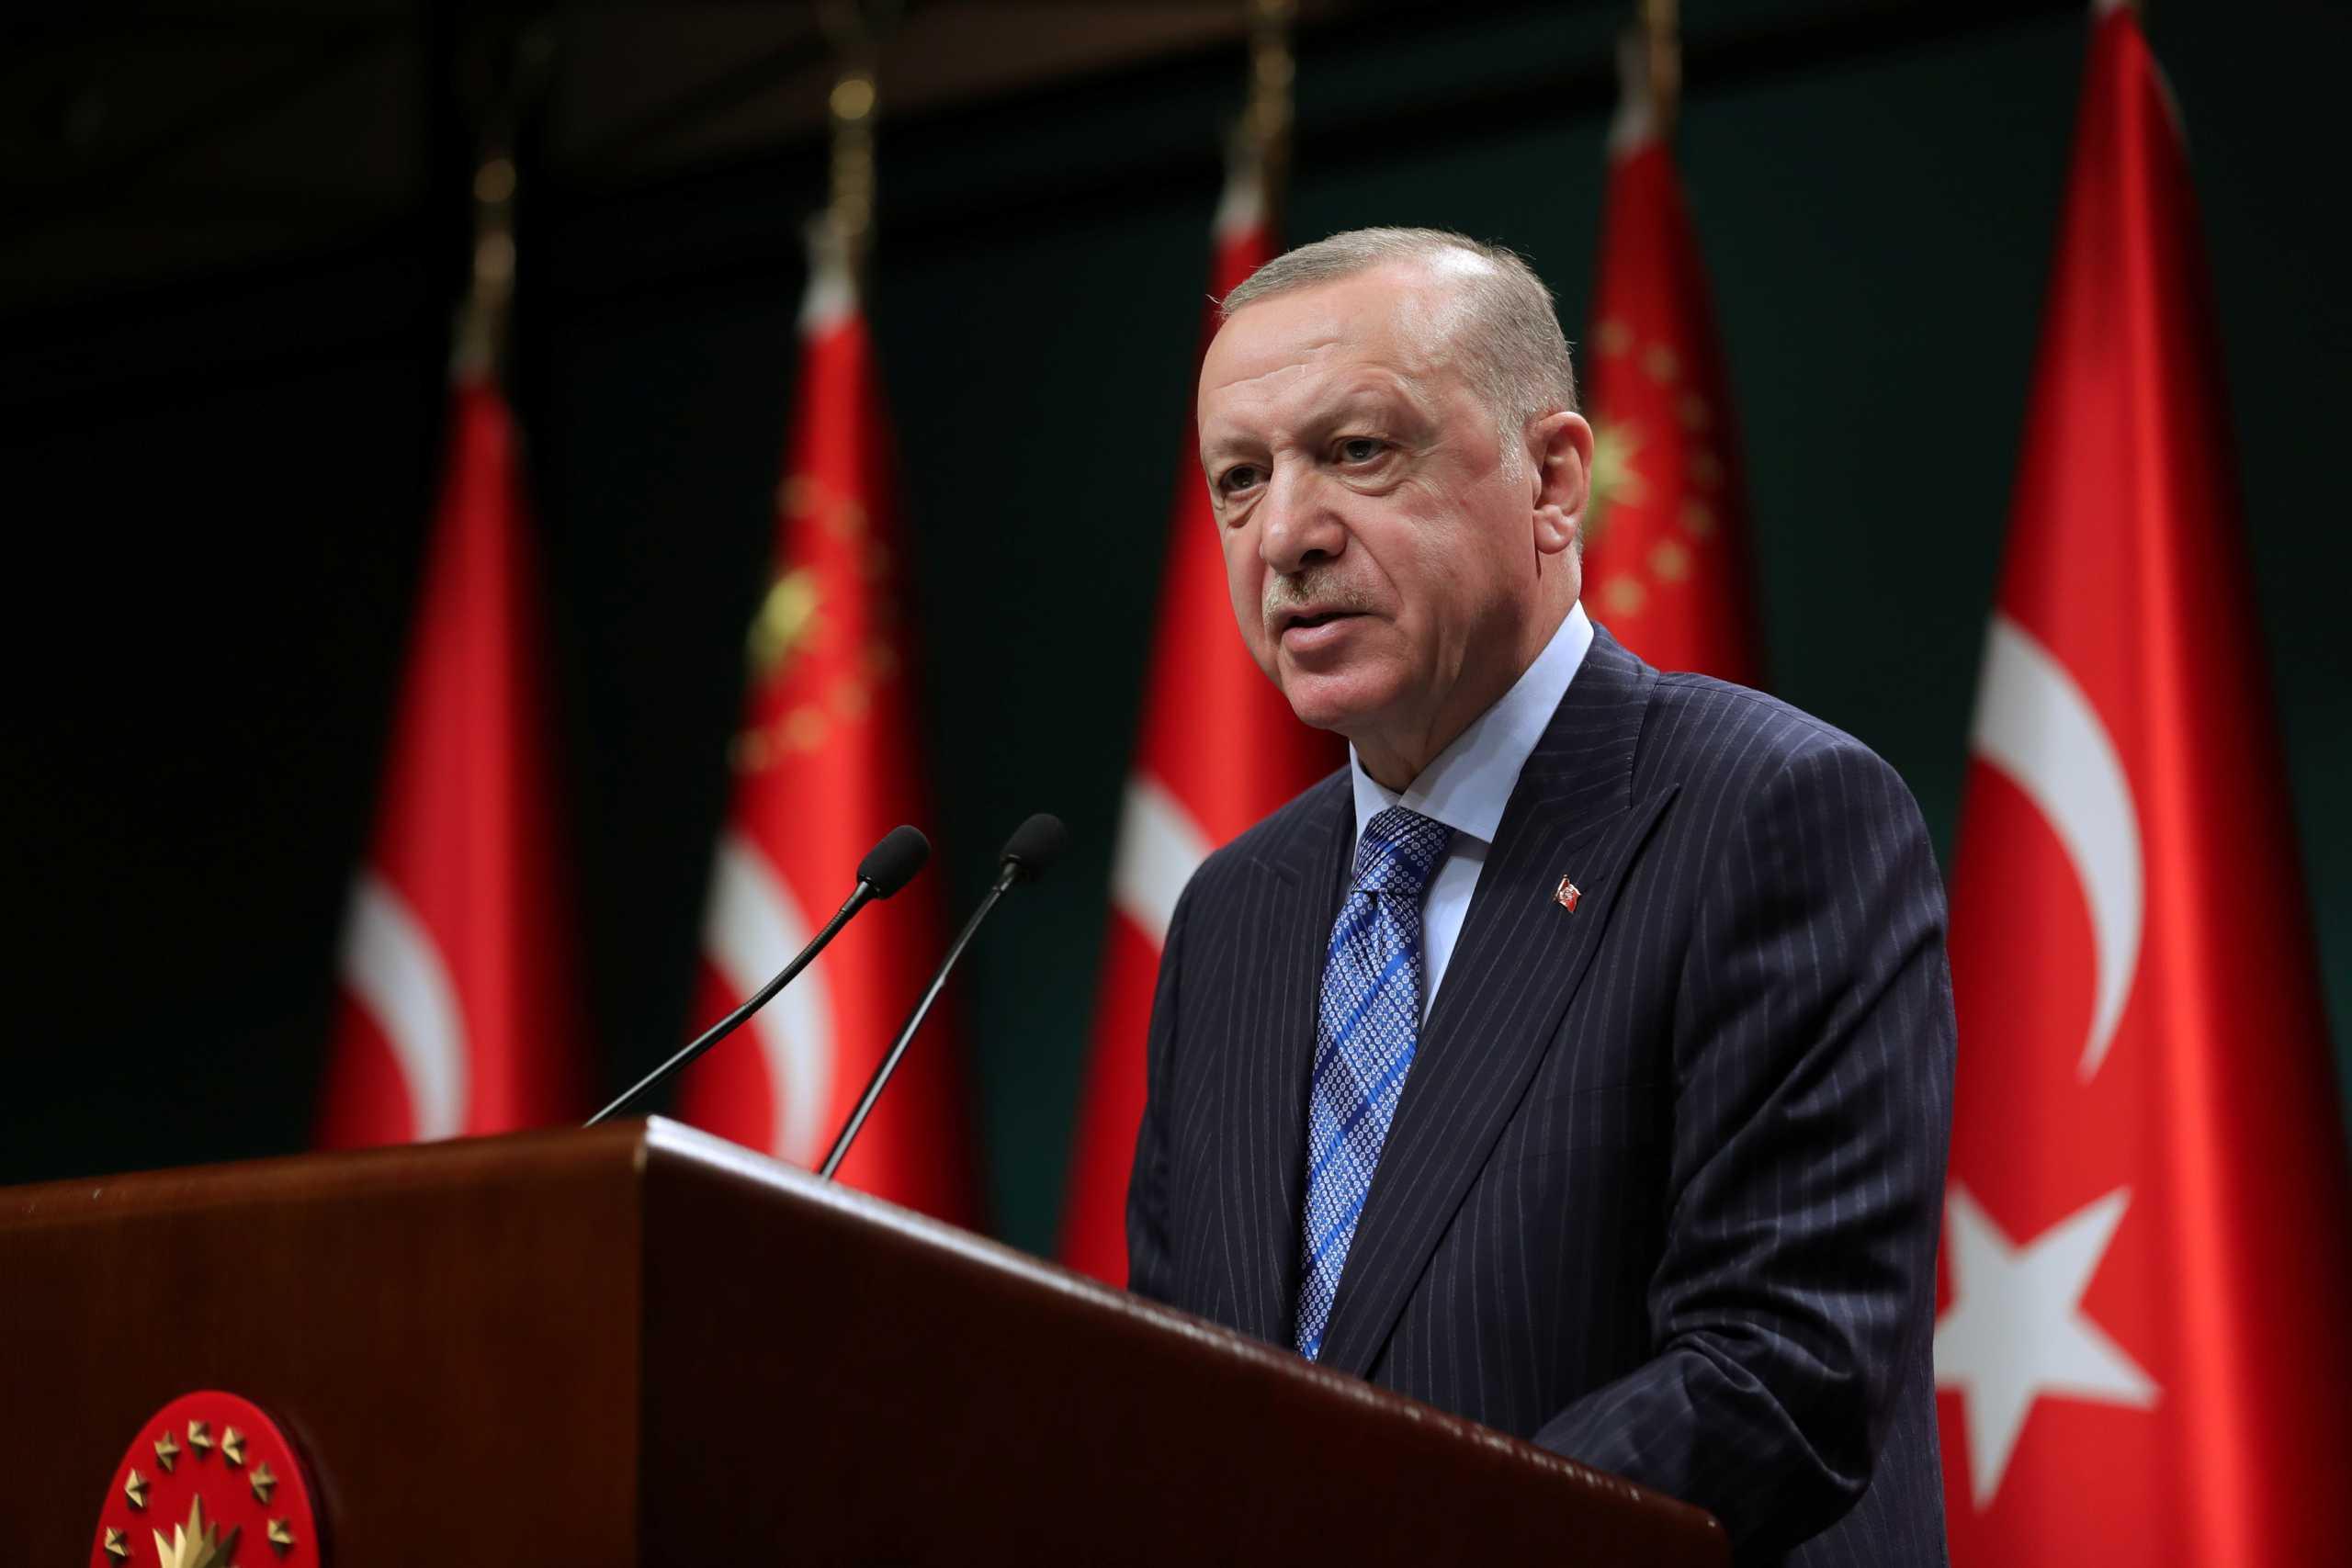 Προκαλεί ξανά ο Ερντογάν: «Μία από τις πιο λαμπρές νίκες μας η Άλωση της Κωνσταντινούπολης»